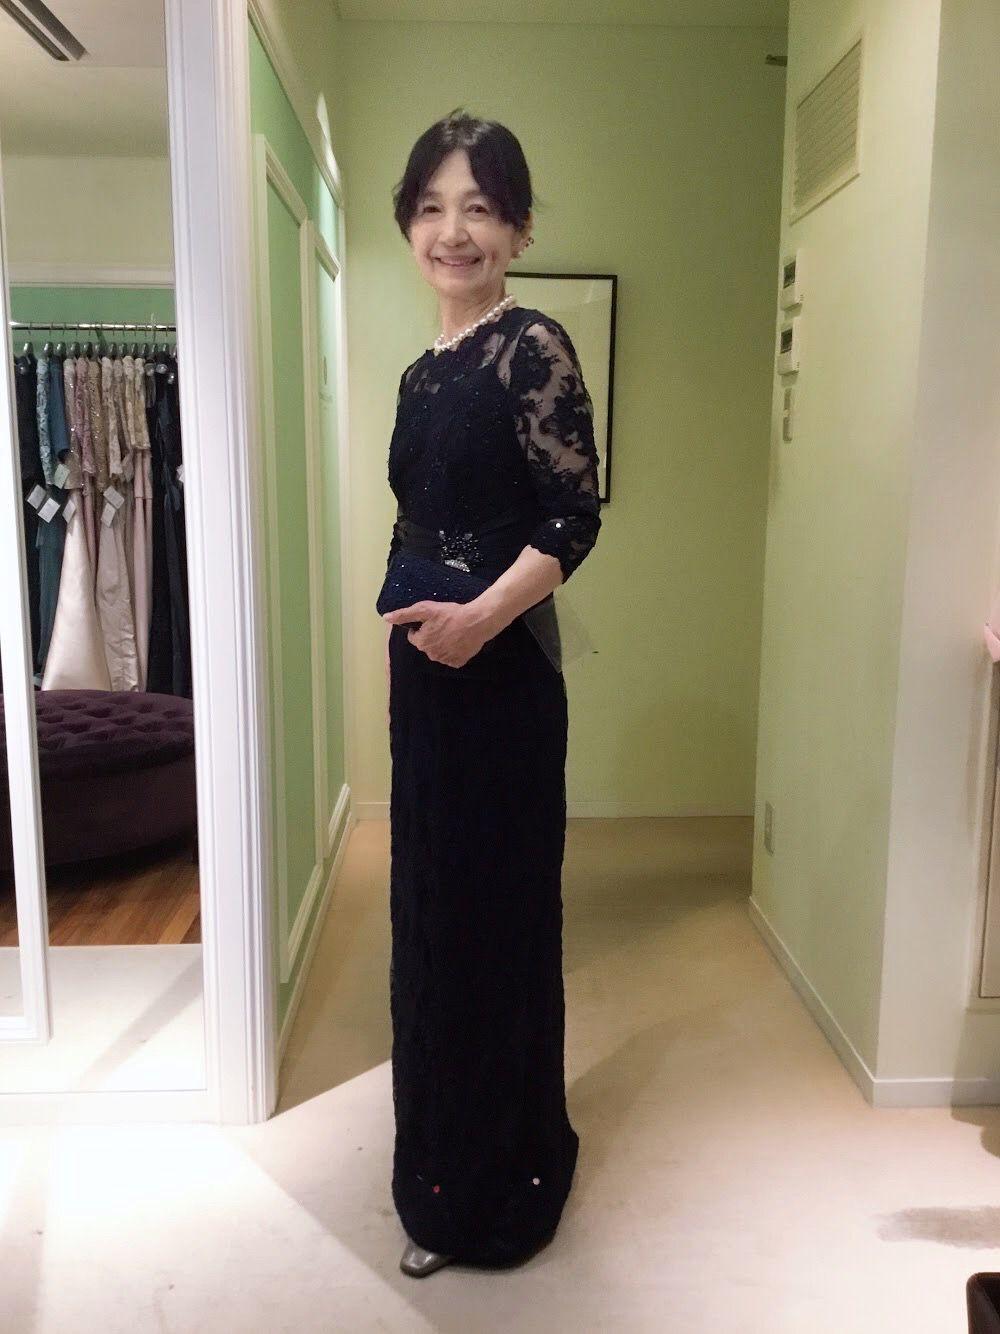 【結婚式母親の高級ドレス】お相手のお母様は黒留袖。着物とバランスの良いフォーマルドレスはどう選ぶ?| 結婚式の母親ドレス M&V for mother